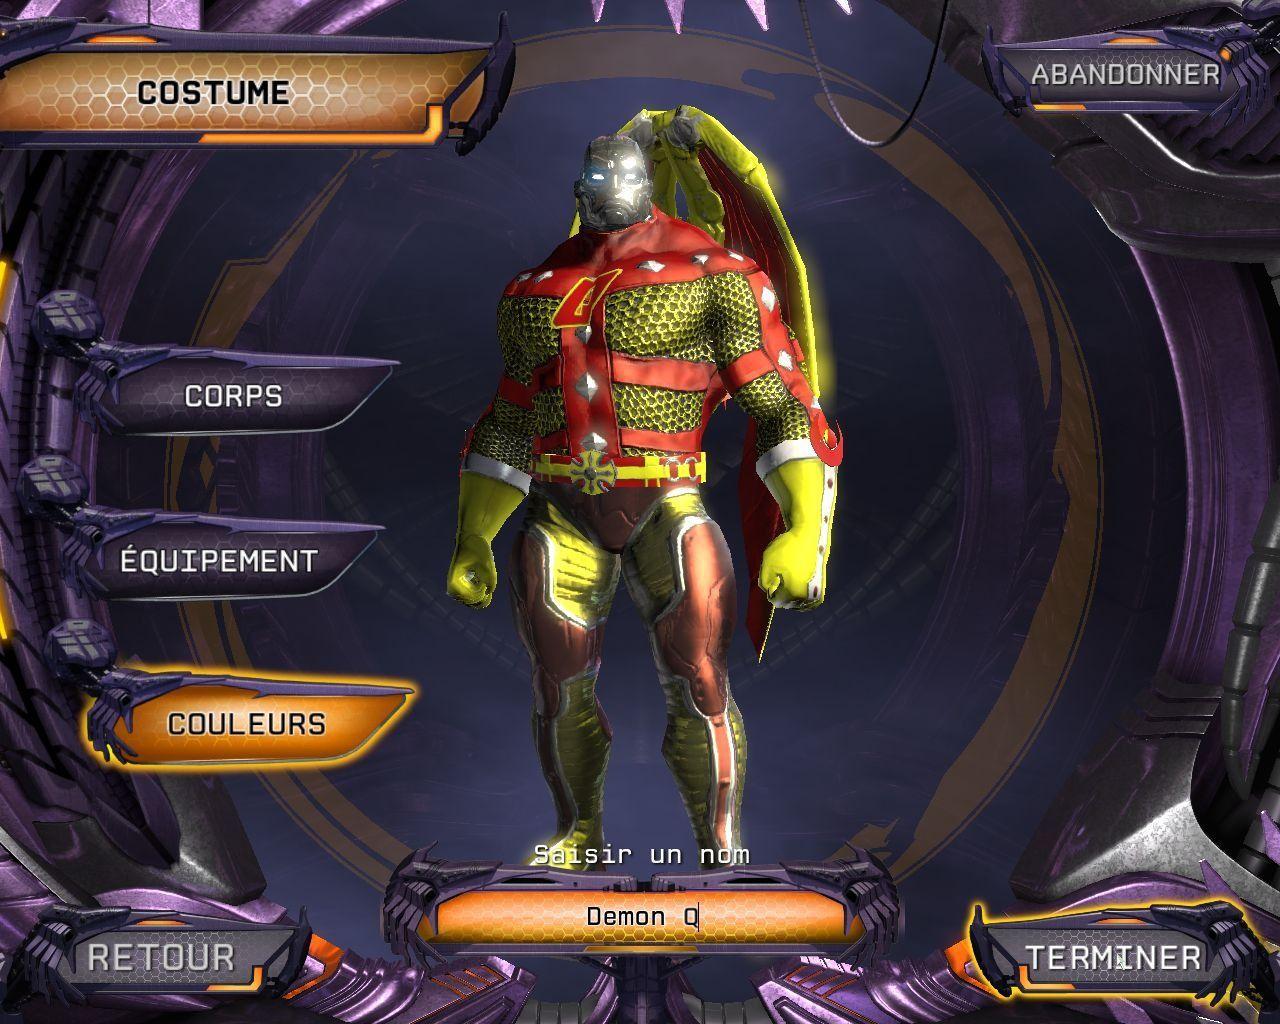 personnaliser costume et personnage dans DC Universe Online